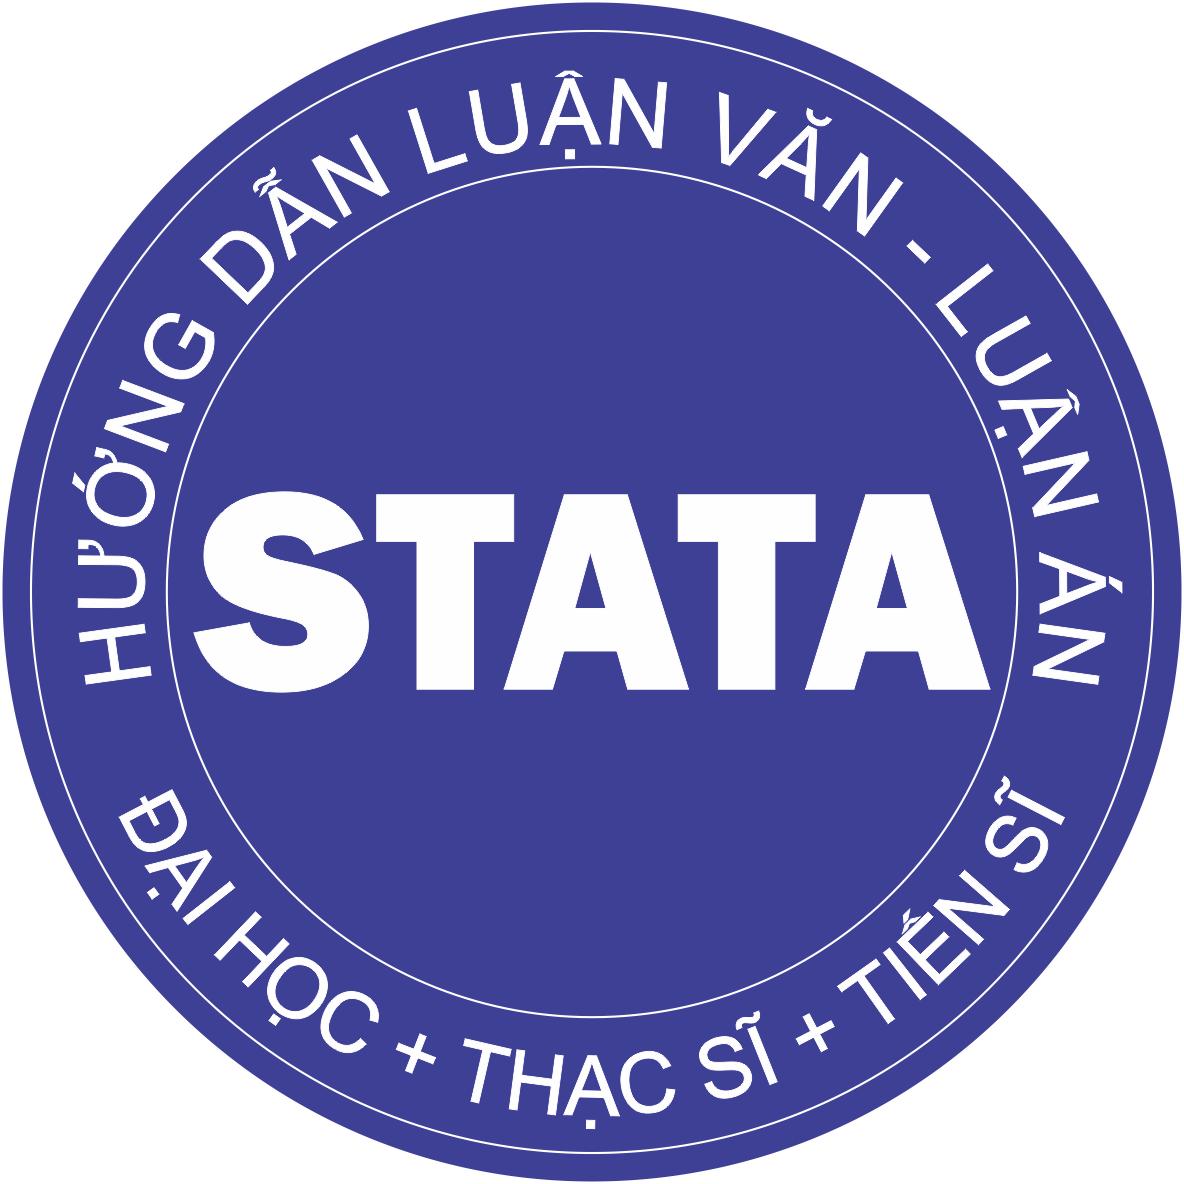 STATA2 - lý thuyết về hành vi có suy tính